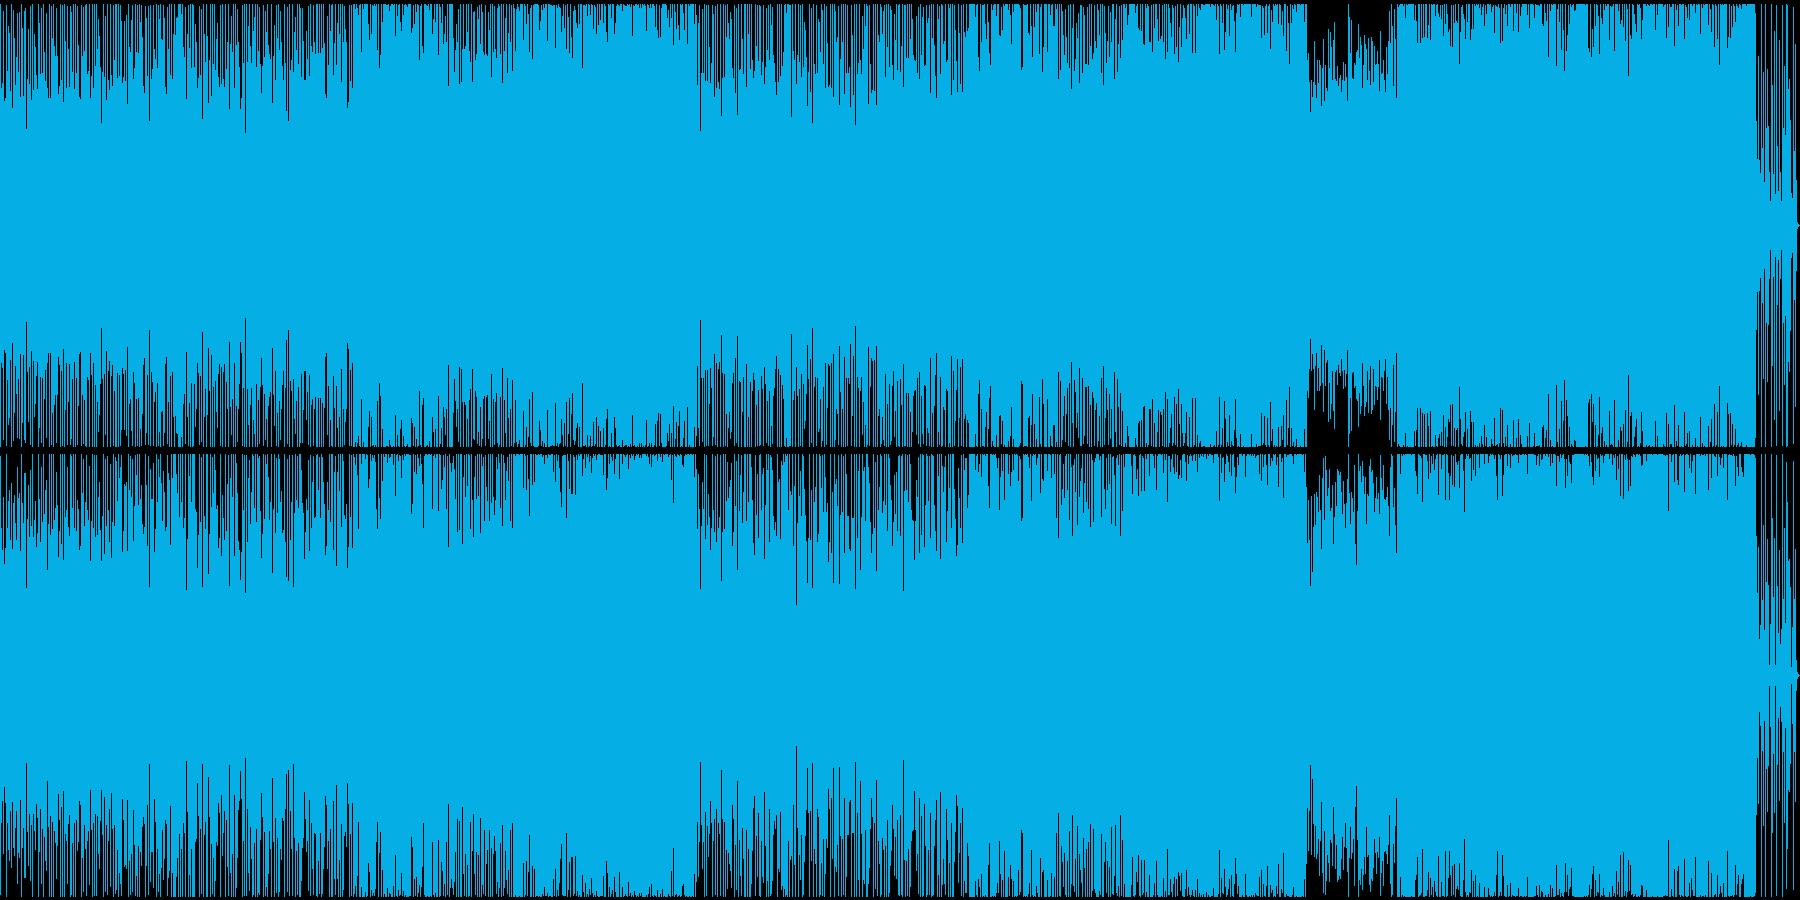 アラビア風の風変わりなテクノの再生済みの波形